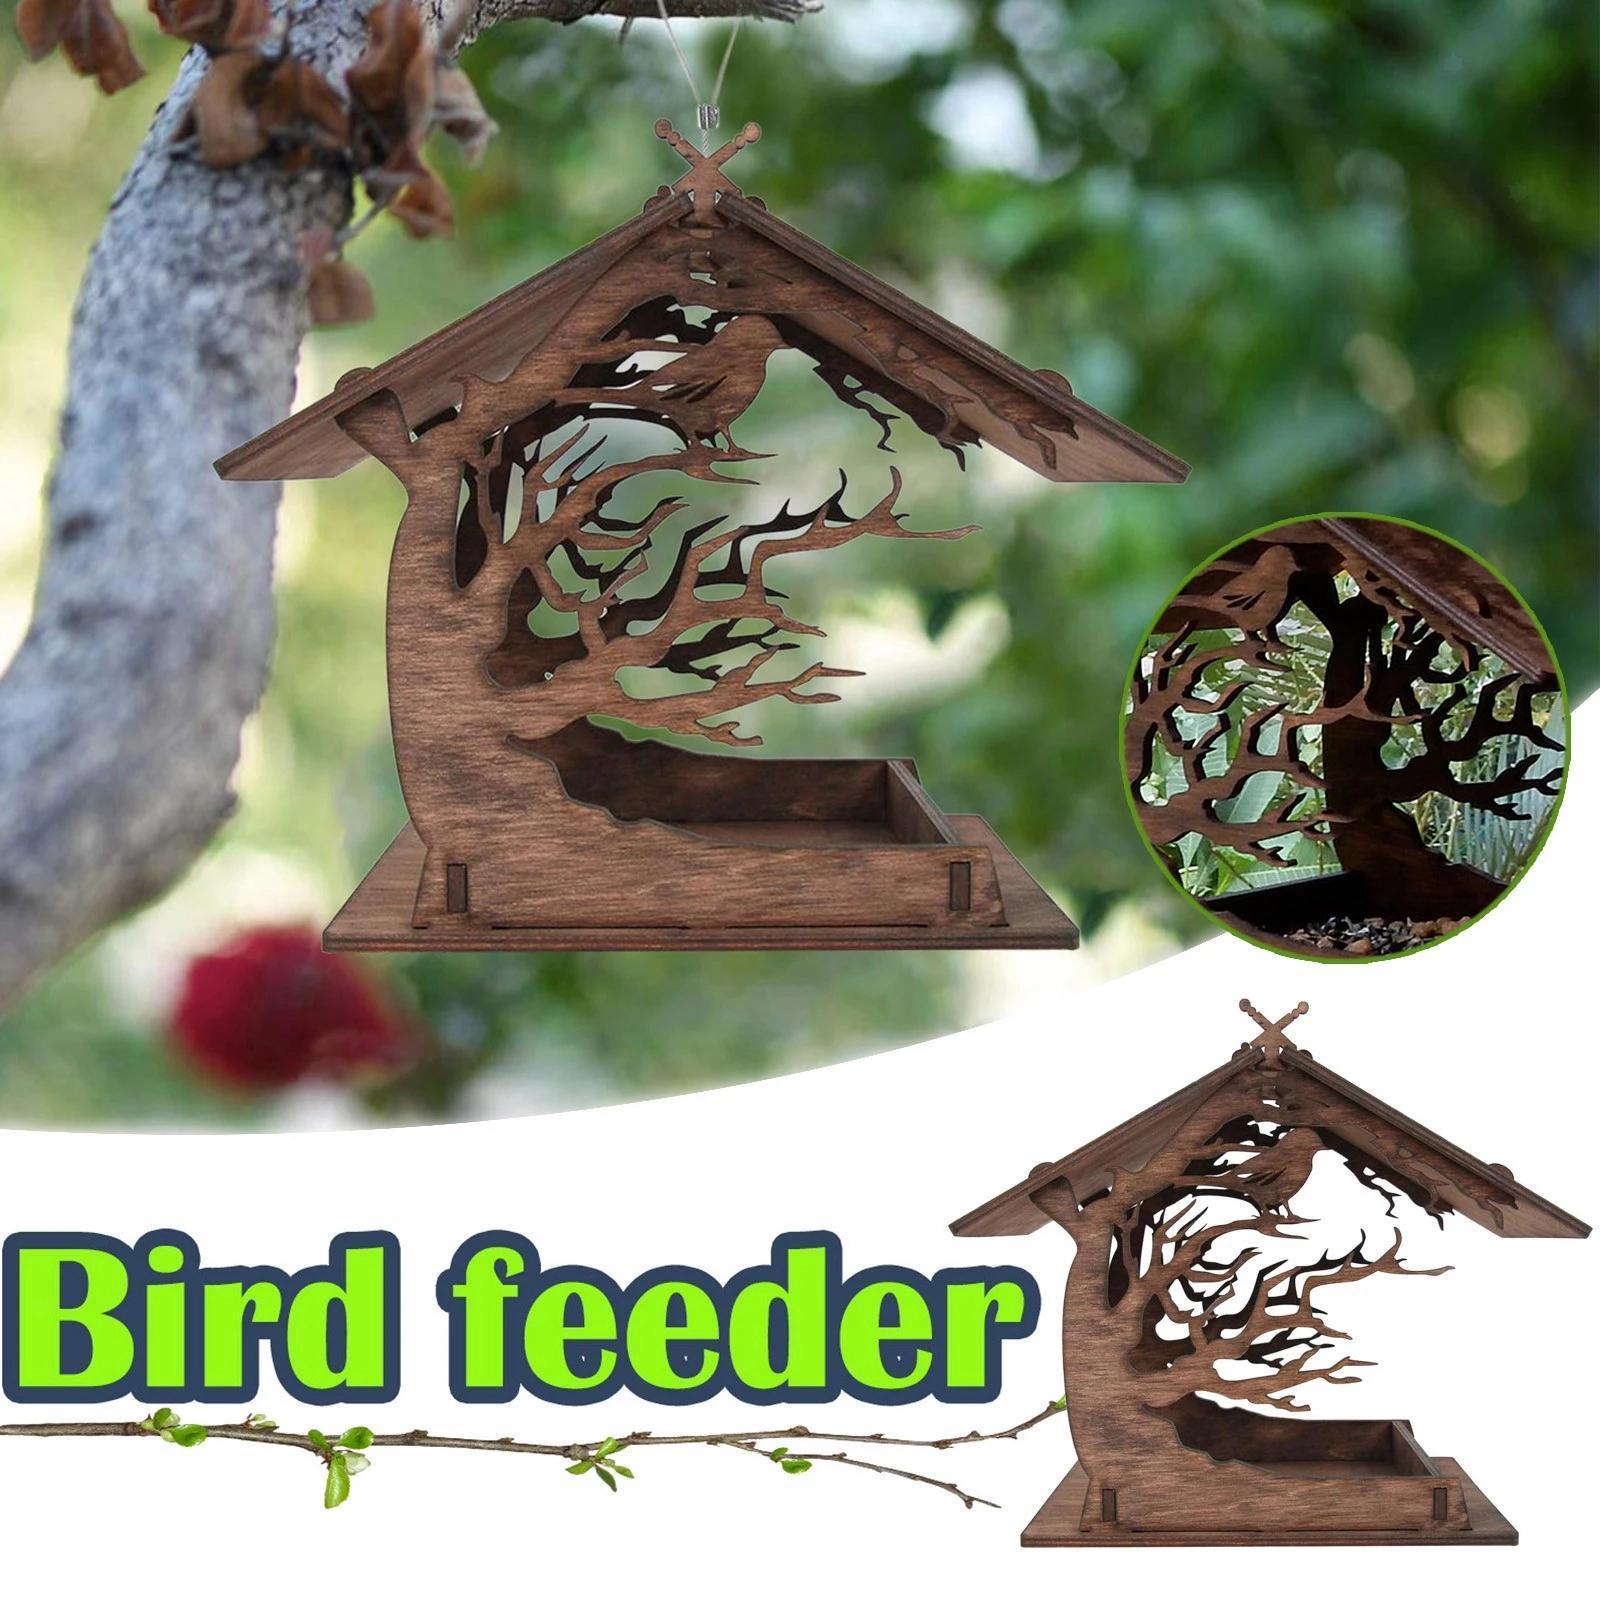 thumbnail 8 - Mangeoire à Oiseaux en bois Nichoir Décoration Extérieure Ornements